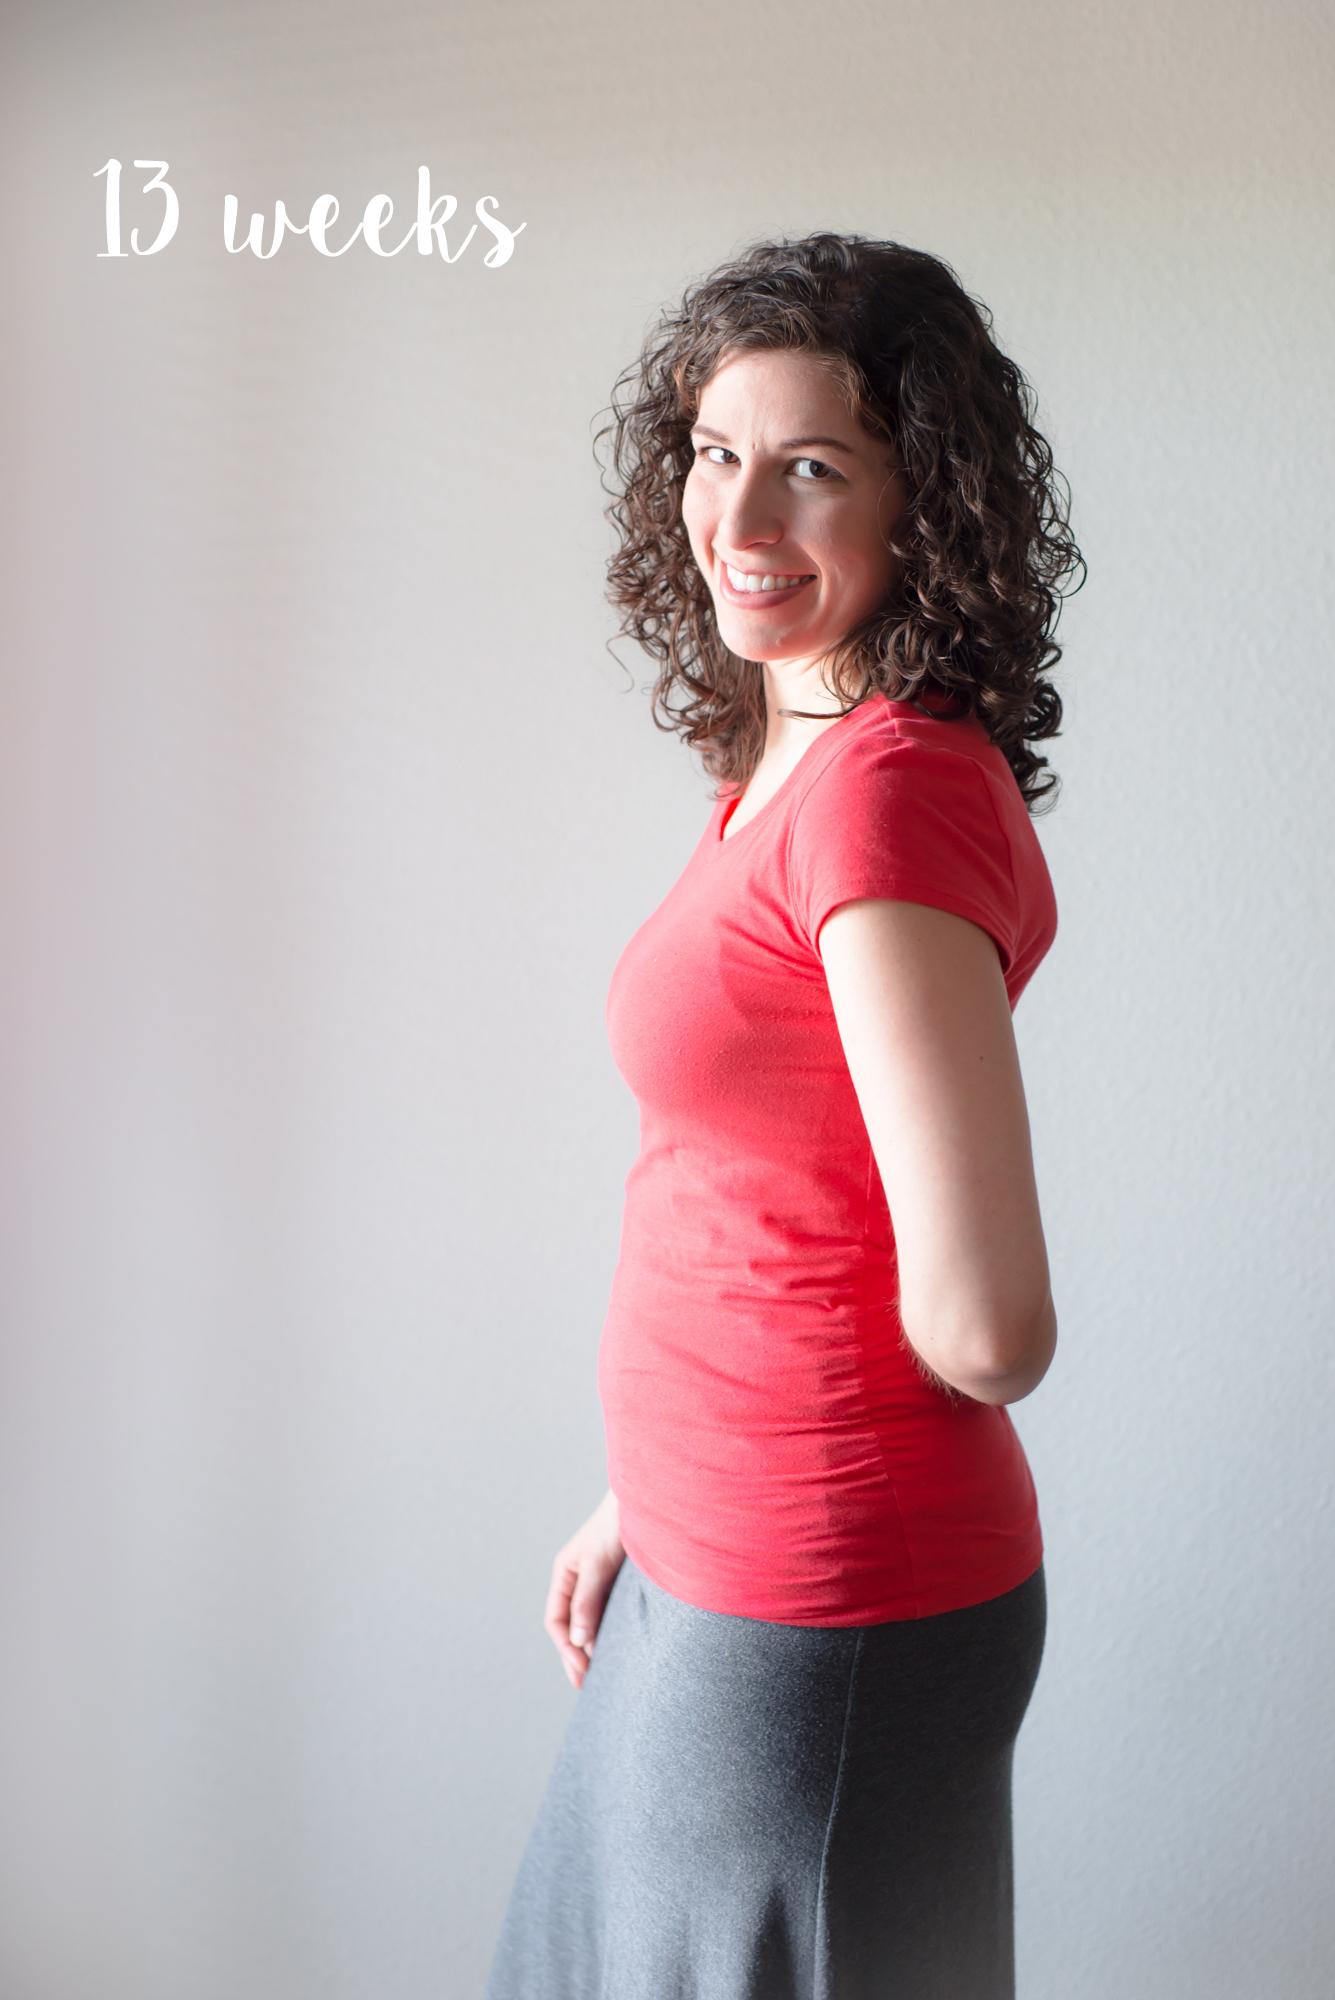 13 Weeks, Pregnancy Update